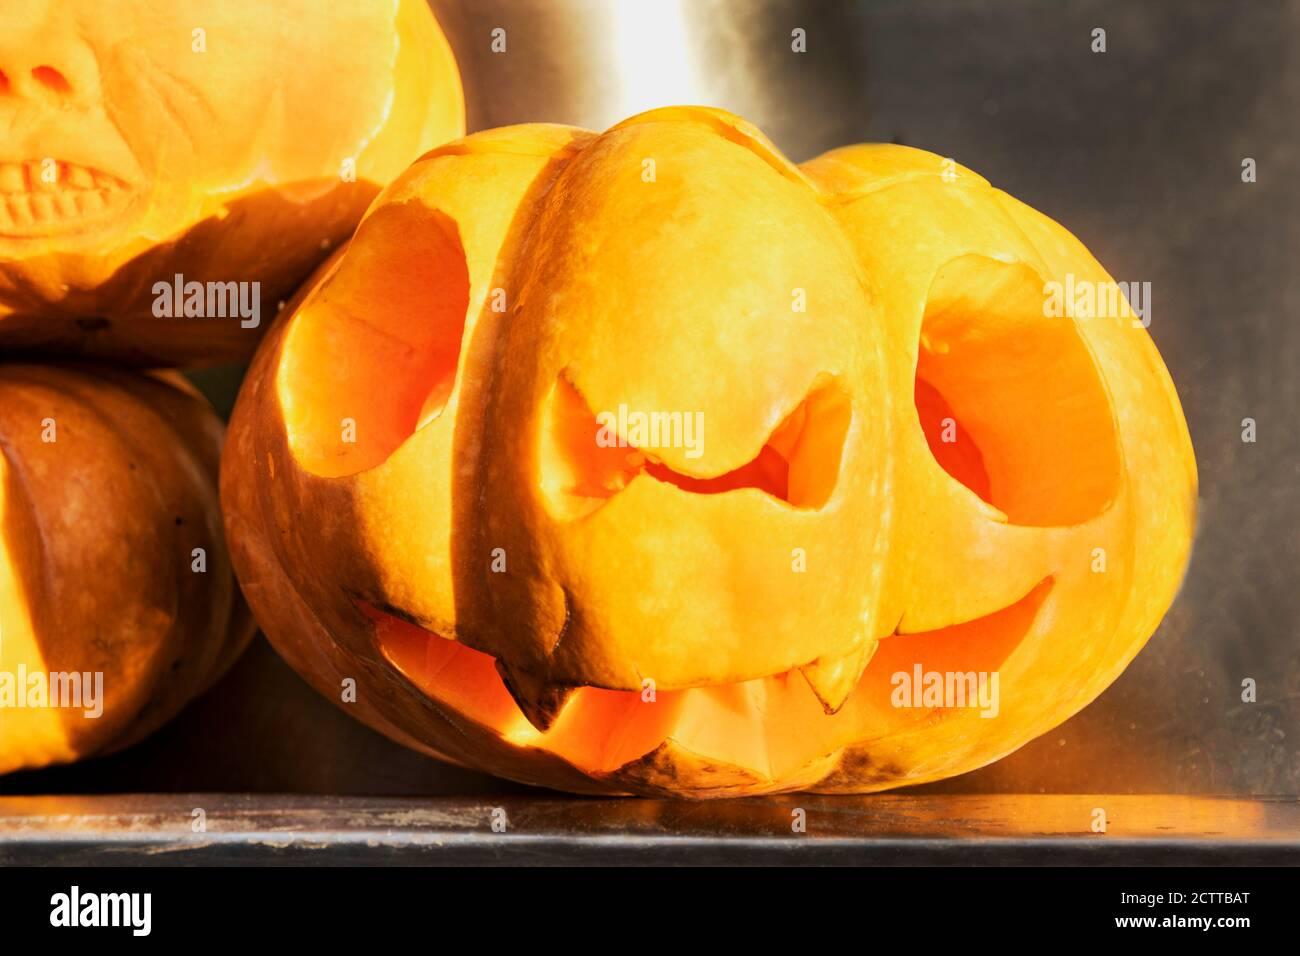 Un effrayant visage sculpté sur une citrouille pour la fête de l'Halloween. La traditionnelle lanterne citrouille de Jack est un symbole de l'Halloween. Le mystique, sym Banque D'Images